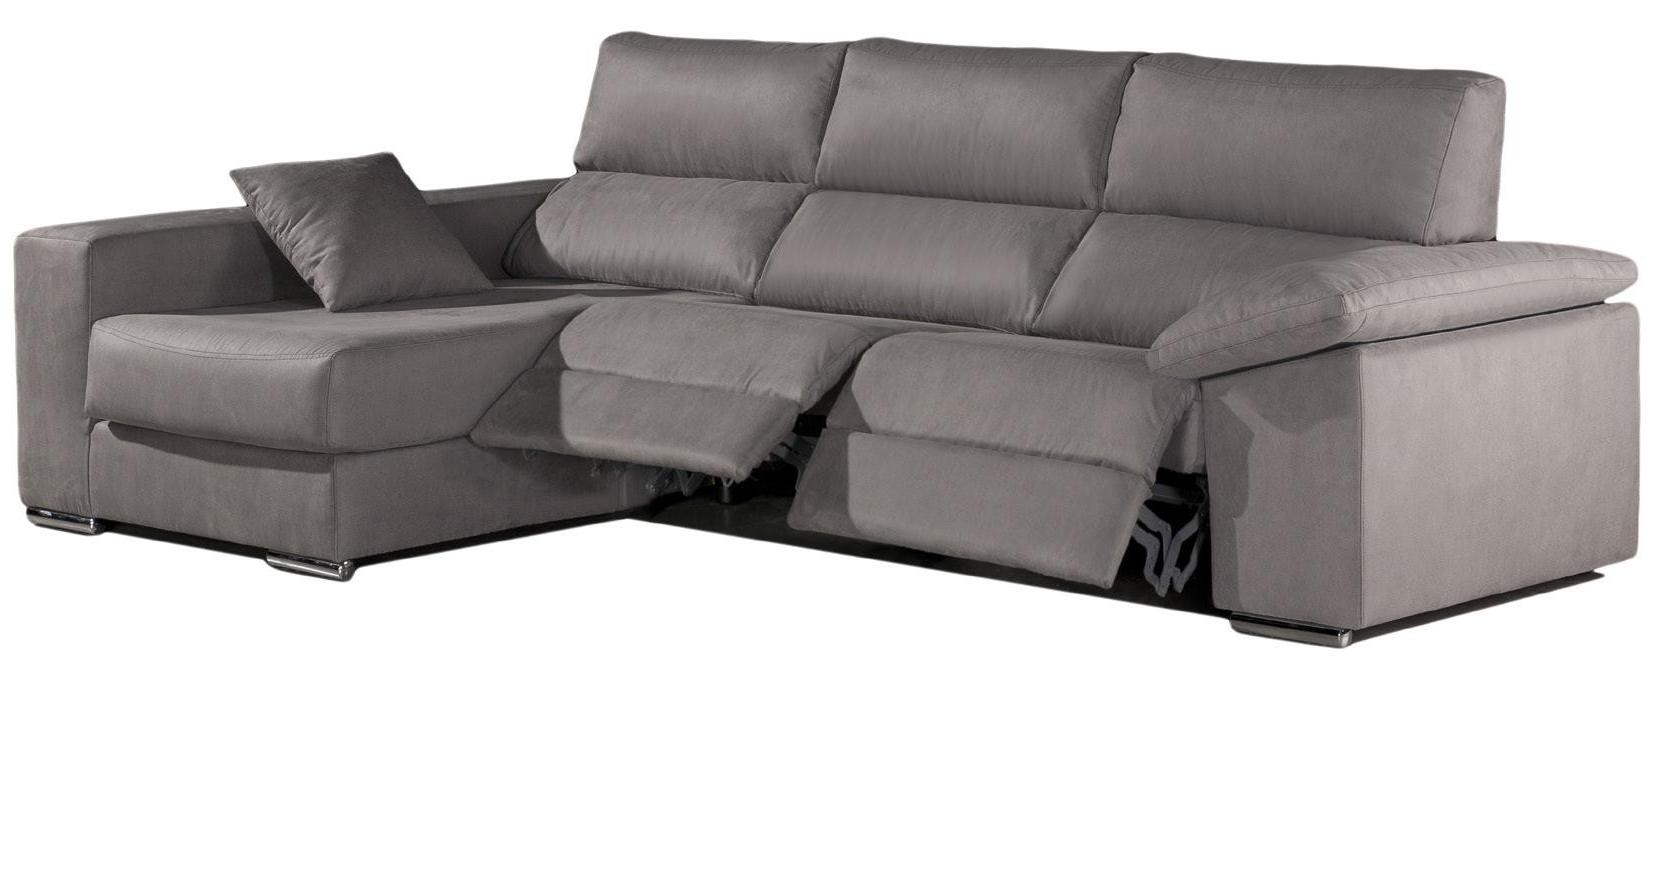 Sofas Con Chaise Longue Q0d4 sofà S Con Chaise Longue sofà S Modernos